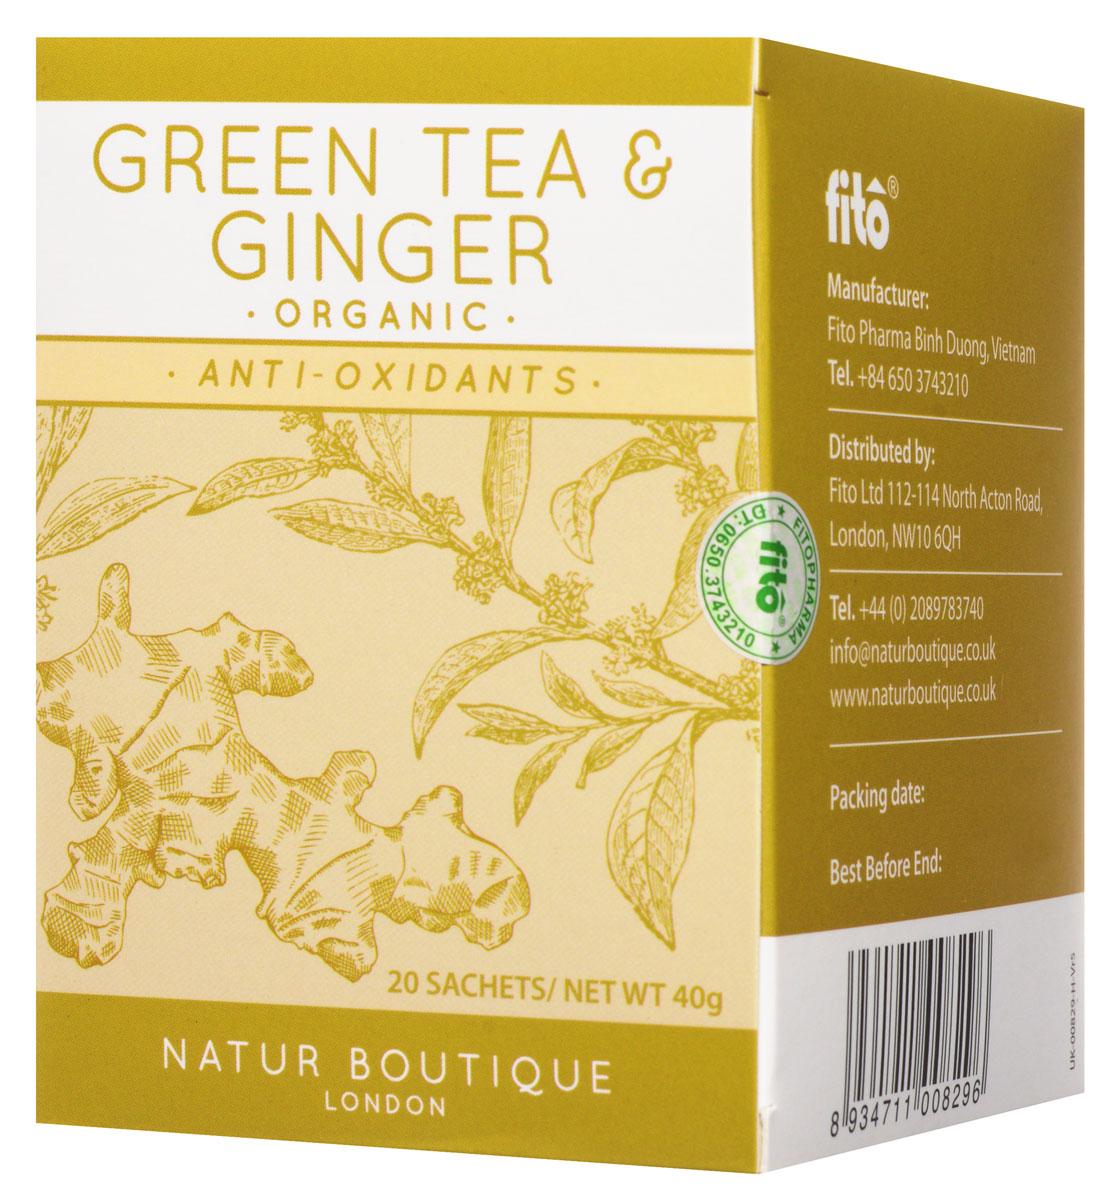 Natur Boutique Green Tea&Ginger Organic Tea органический зеленый чай с имбирем, 20 пакетиков256Органический зеленый чай Natur Boutique Green Tea&Ginger Organic Tea подарит вам отличный освежающий вкус. Выращенный на лучших северных плантациях Вьетнама с использованием самых высококачественных удобрений, он обладает прекрасными целебными свойствами и великолепно сочетает в себе превосходный аромат зеленого чая и имбиря. Производство ведется без использования химических добавок и ароматизаторов, что помогает достигать потрясающего натурального вкуса.В его состав входят только зеленый чай и имбирь. Добавление каких-либо примесей недопустимо. Данный товар имеет огромную пользу для каждого человека, ведь употребление этого чая поспособствует повышению умственных и физических показателей организма, а также значительному улучшению его тонуса. Повышенное содержание антиоксидантов позволяет достигать великолепных результатов и очищать организм от вредоносного воздействия загрязнённой окружающей среды. Natur Boutique также прекрасно восстанавливает метаболизм и корректирует вес, что самым лучшим образом отразится на здоровье каждого человека, а содержащийся в нем имбирь улучшает пищеварение, освежает и отлично помогает при простуде.